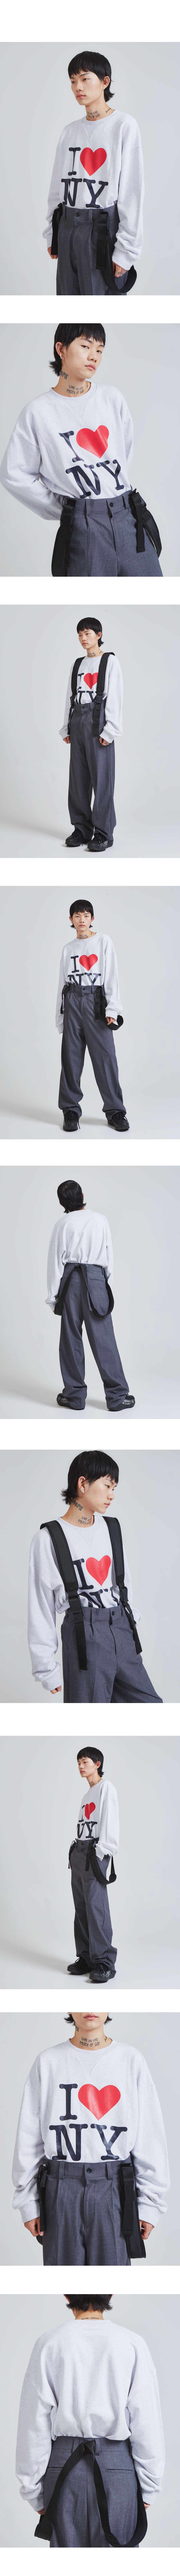 SALE I♡NT mtm - UNISEX